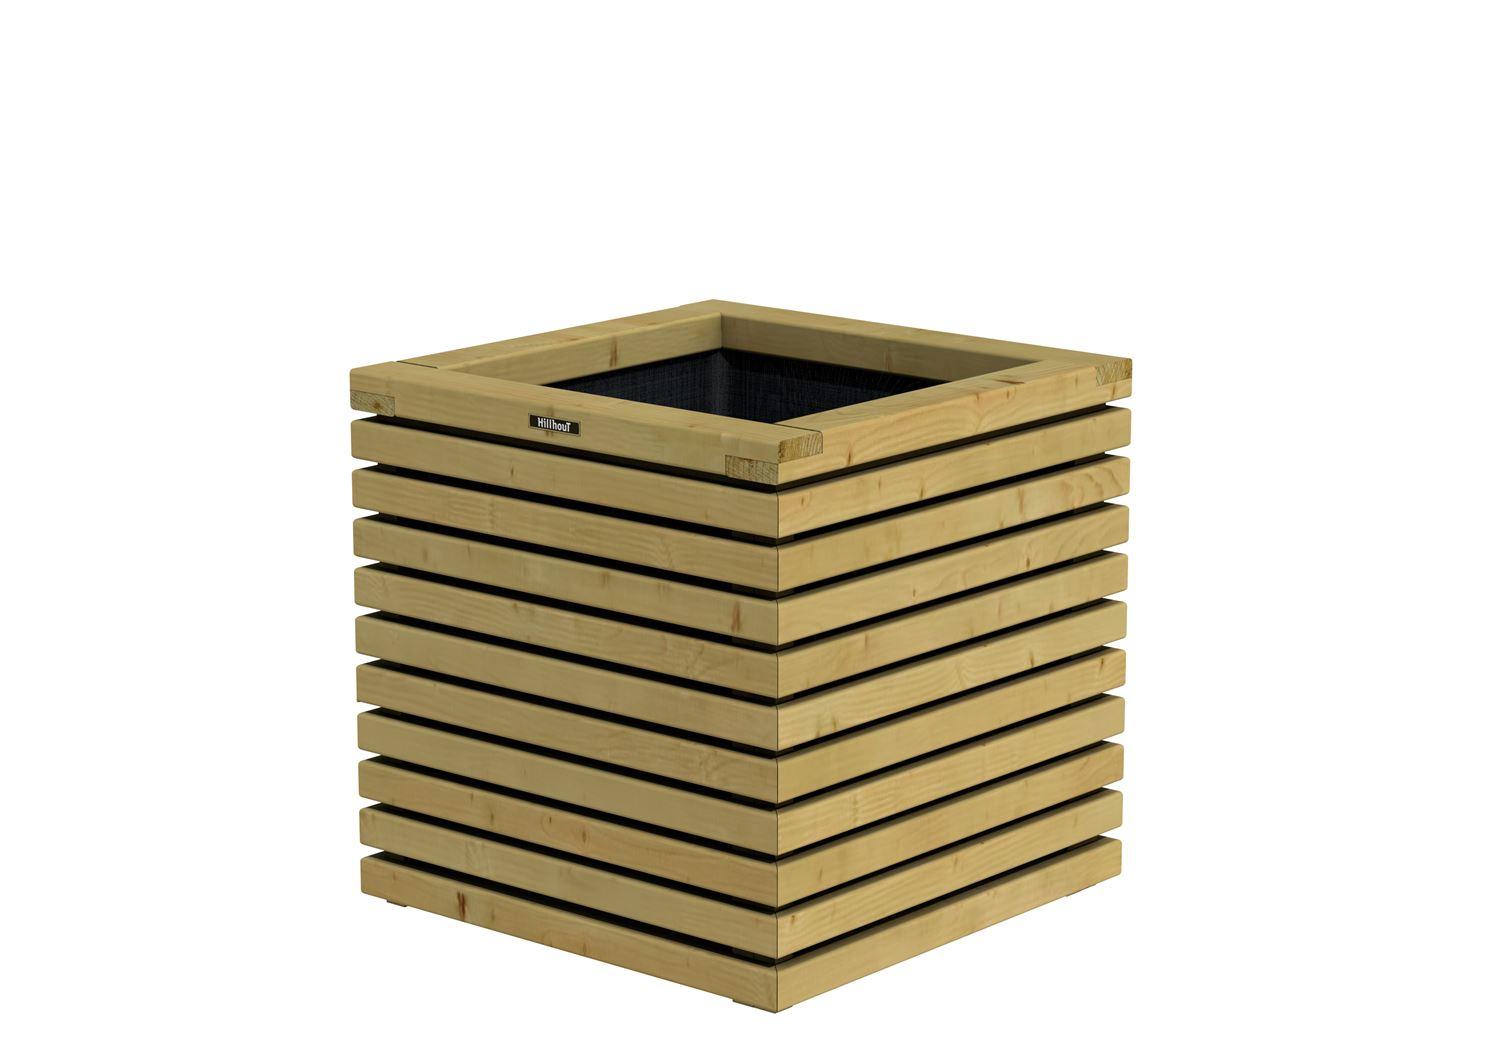 Hillhout elan bac carr en bois excellent 60x60x60cm - Bac carre en bois jardin ...